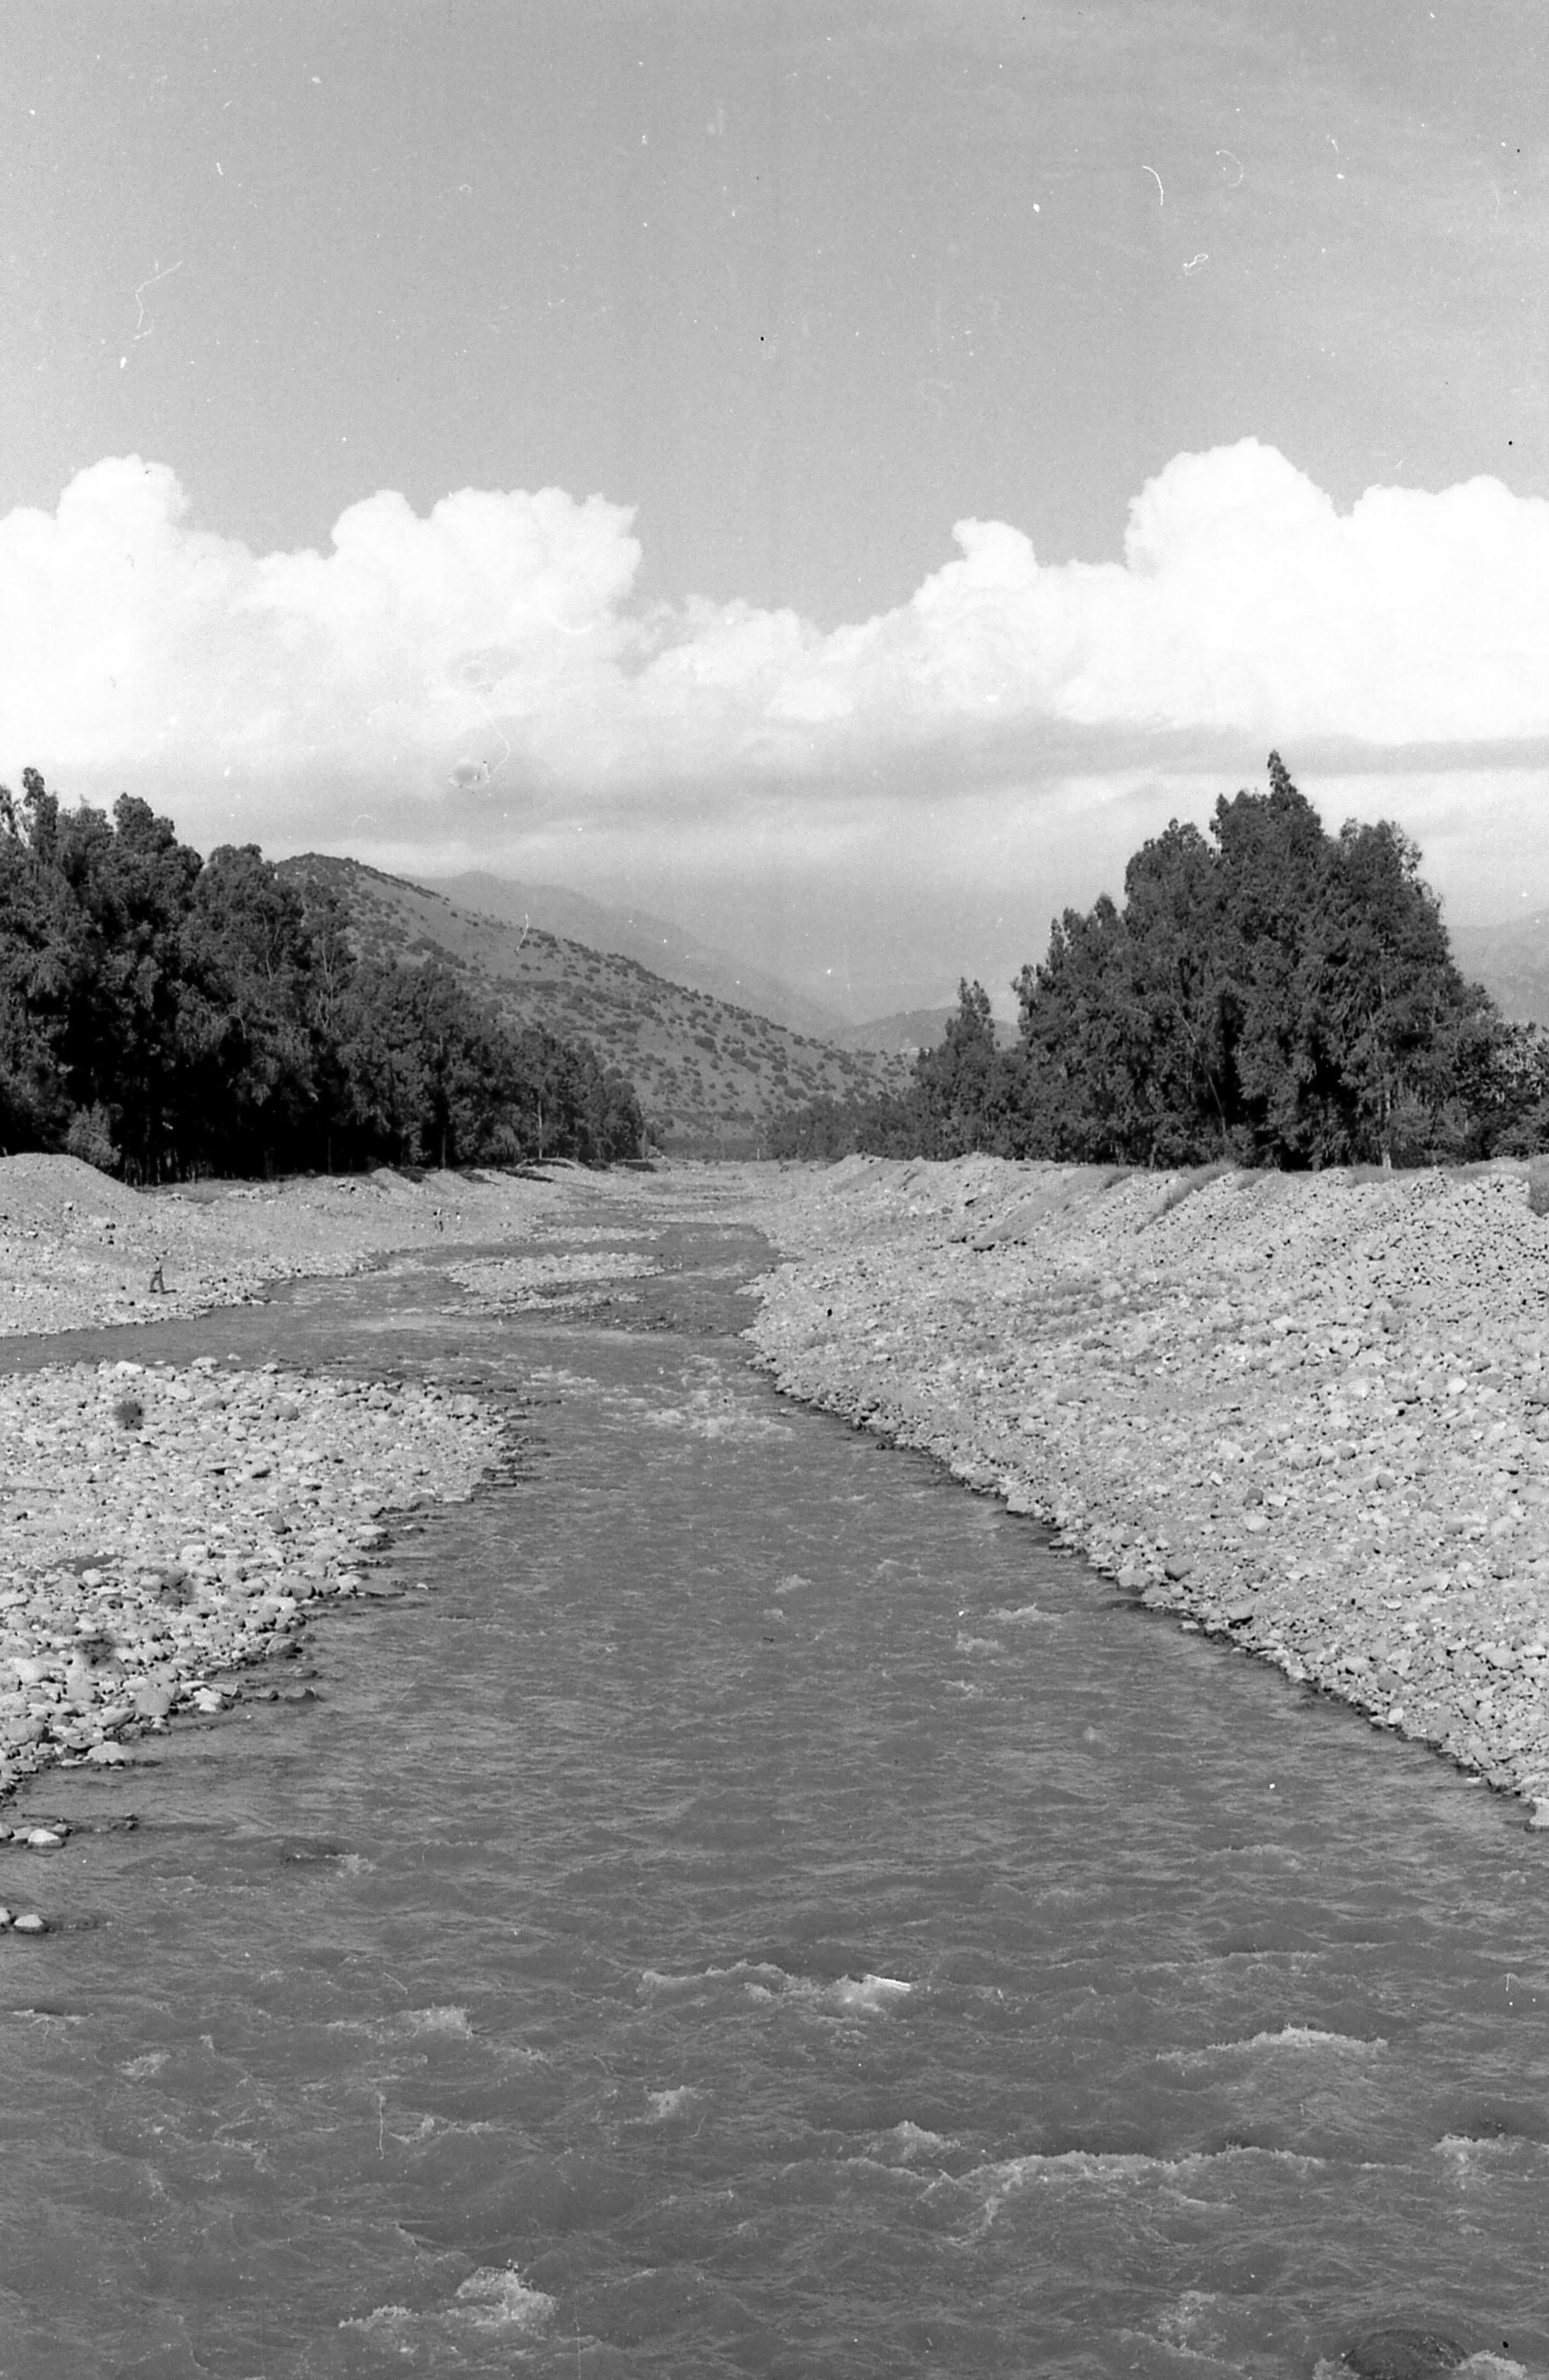 Enterreno - Fotos históricas de chile - fotos antiguas de Chile - Río Mapocho, 1979